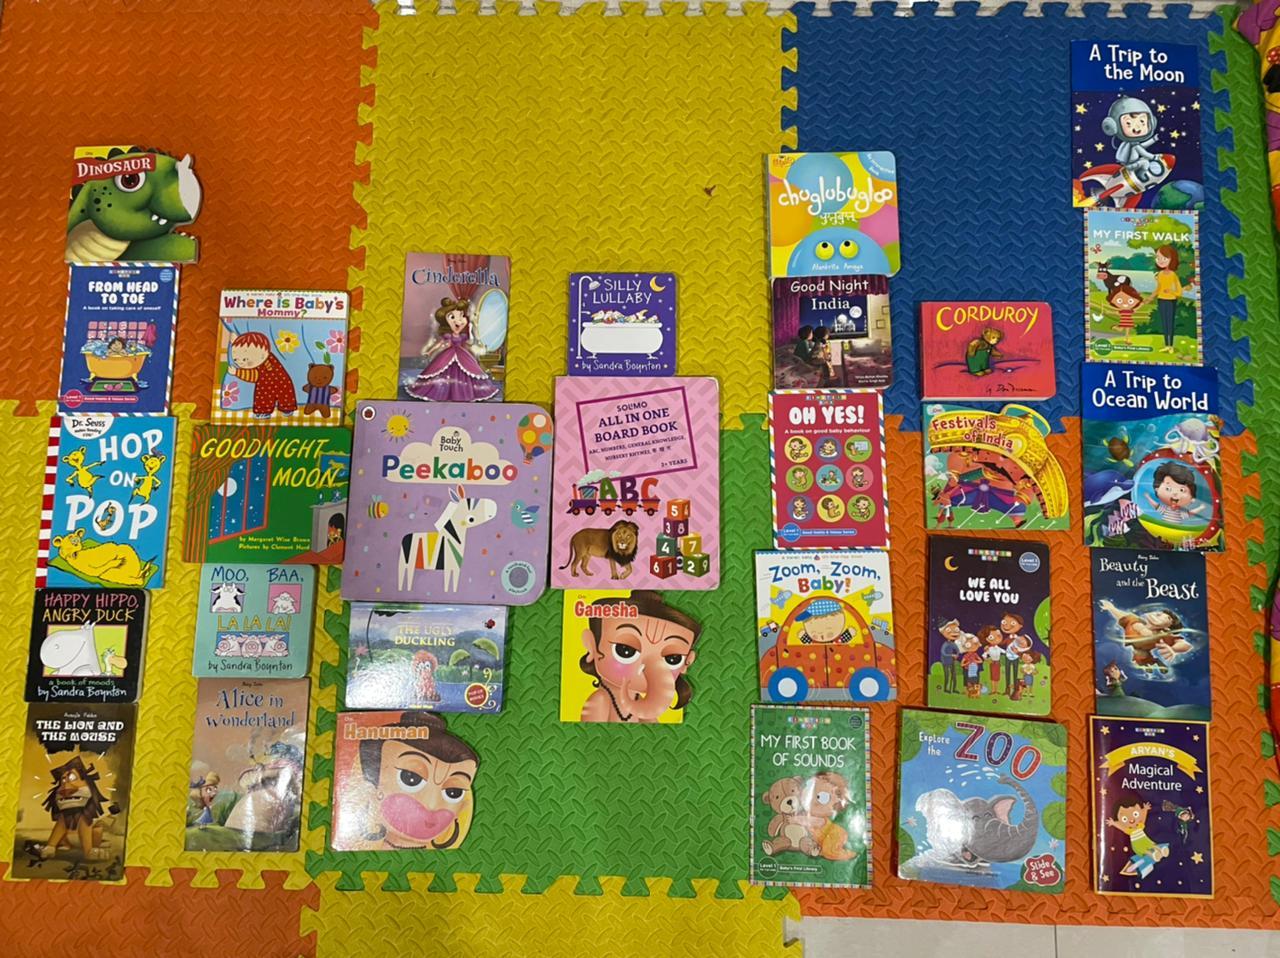 Aryan's favorite 30 books for curious toddlers! #kbcBookBingoJr